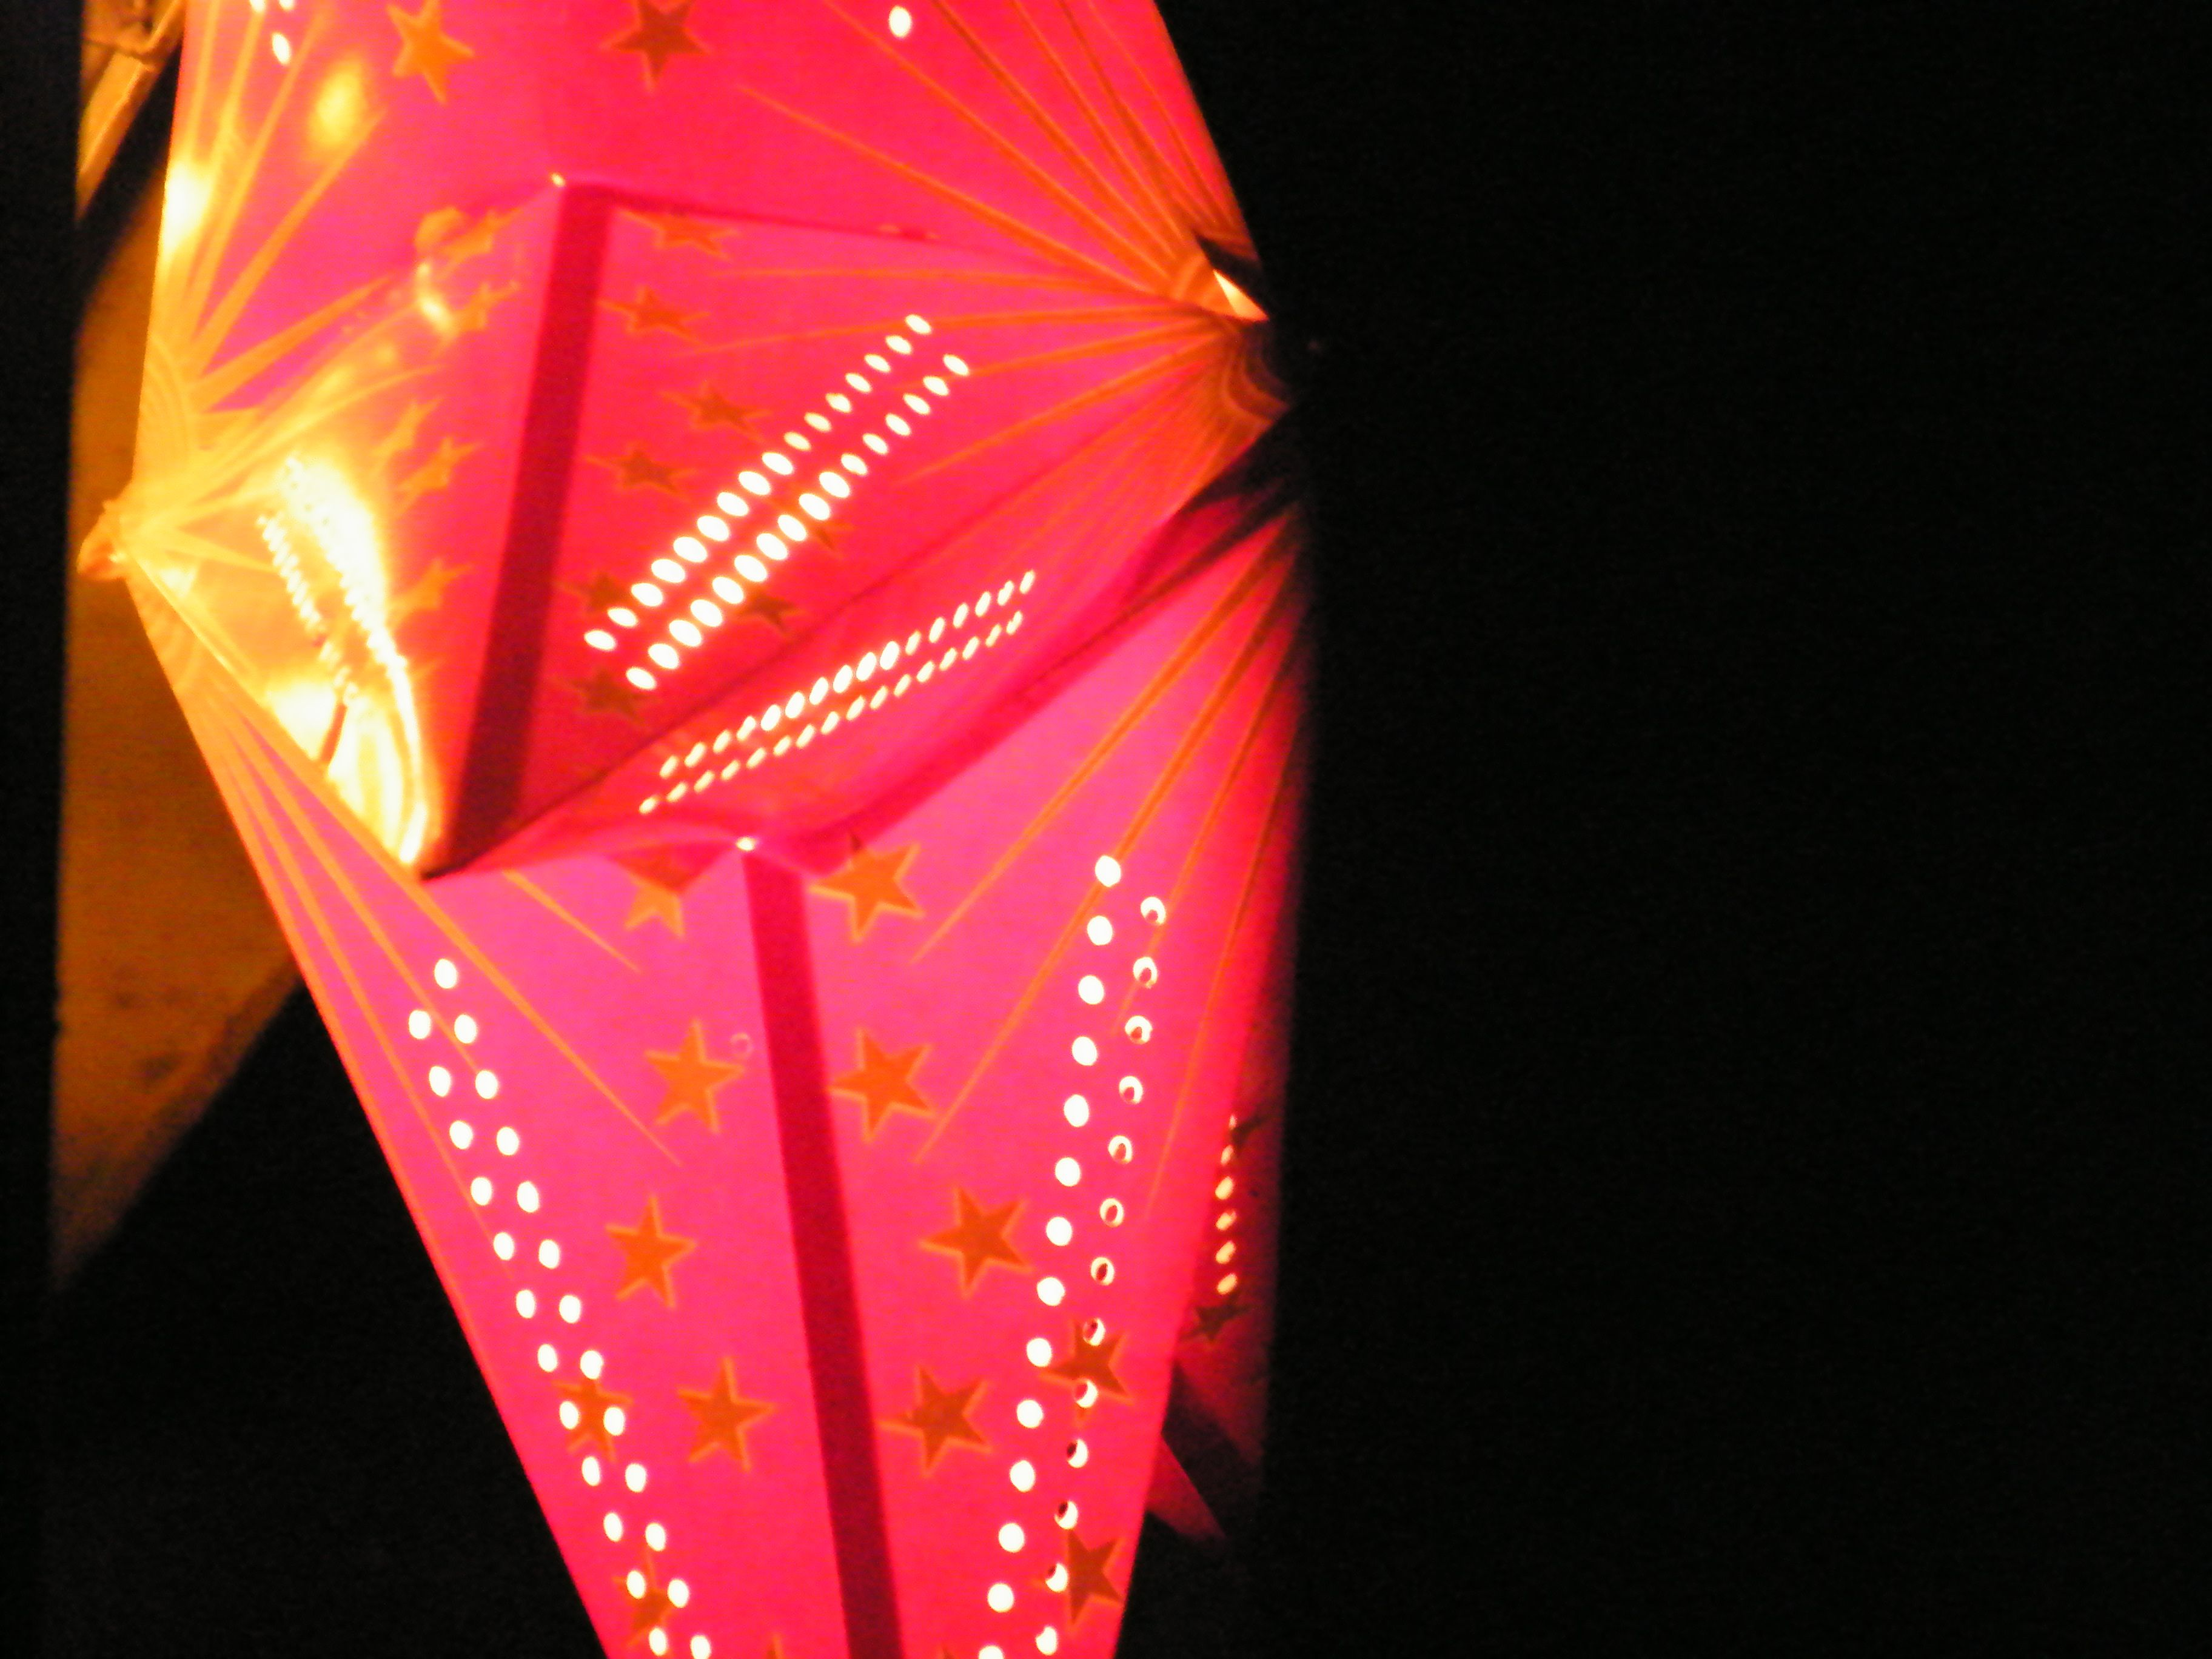 festival of lights...